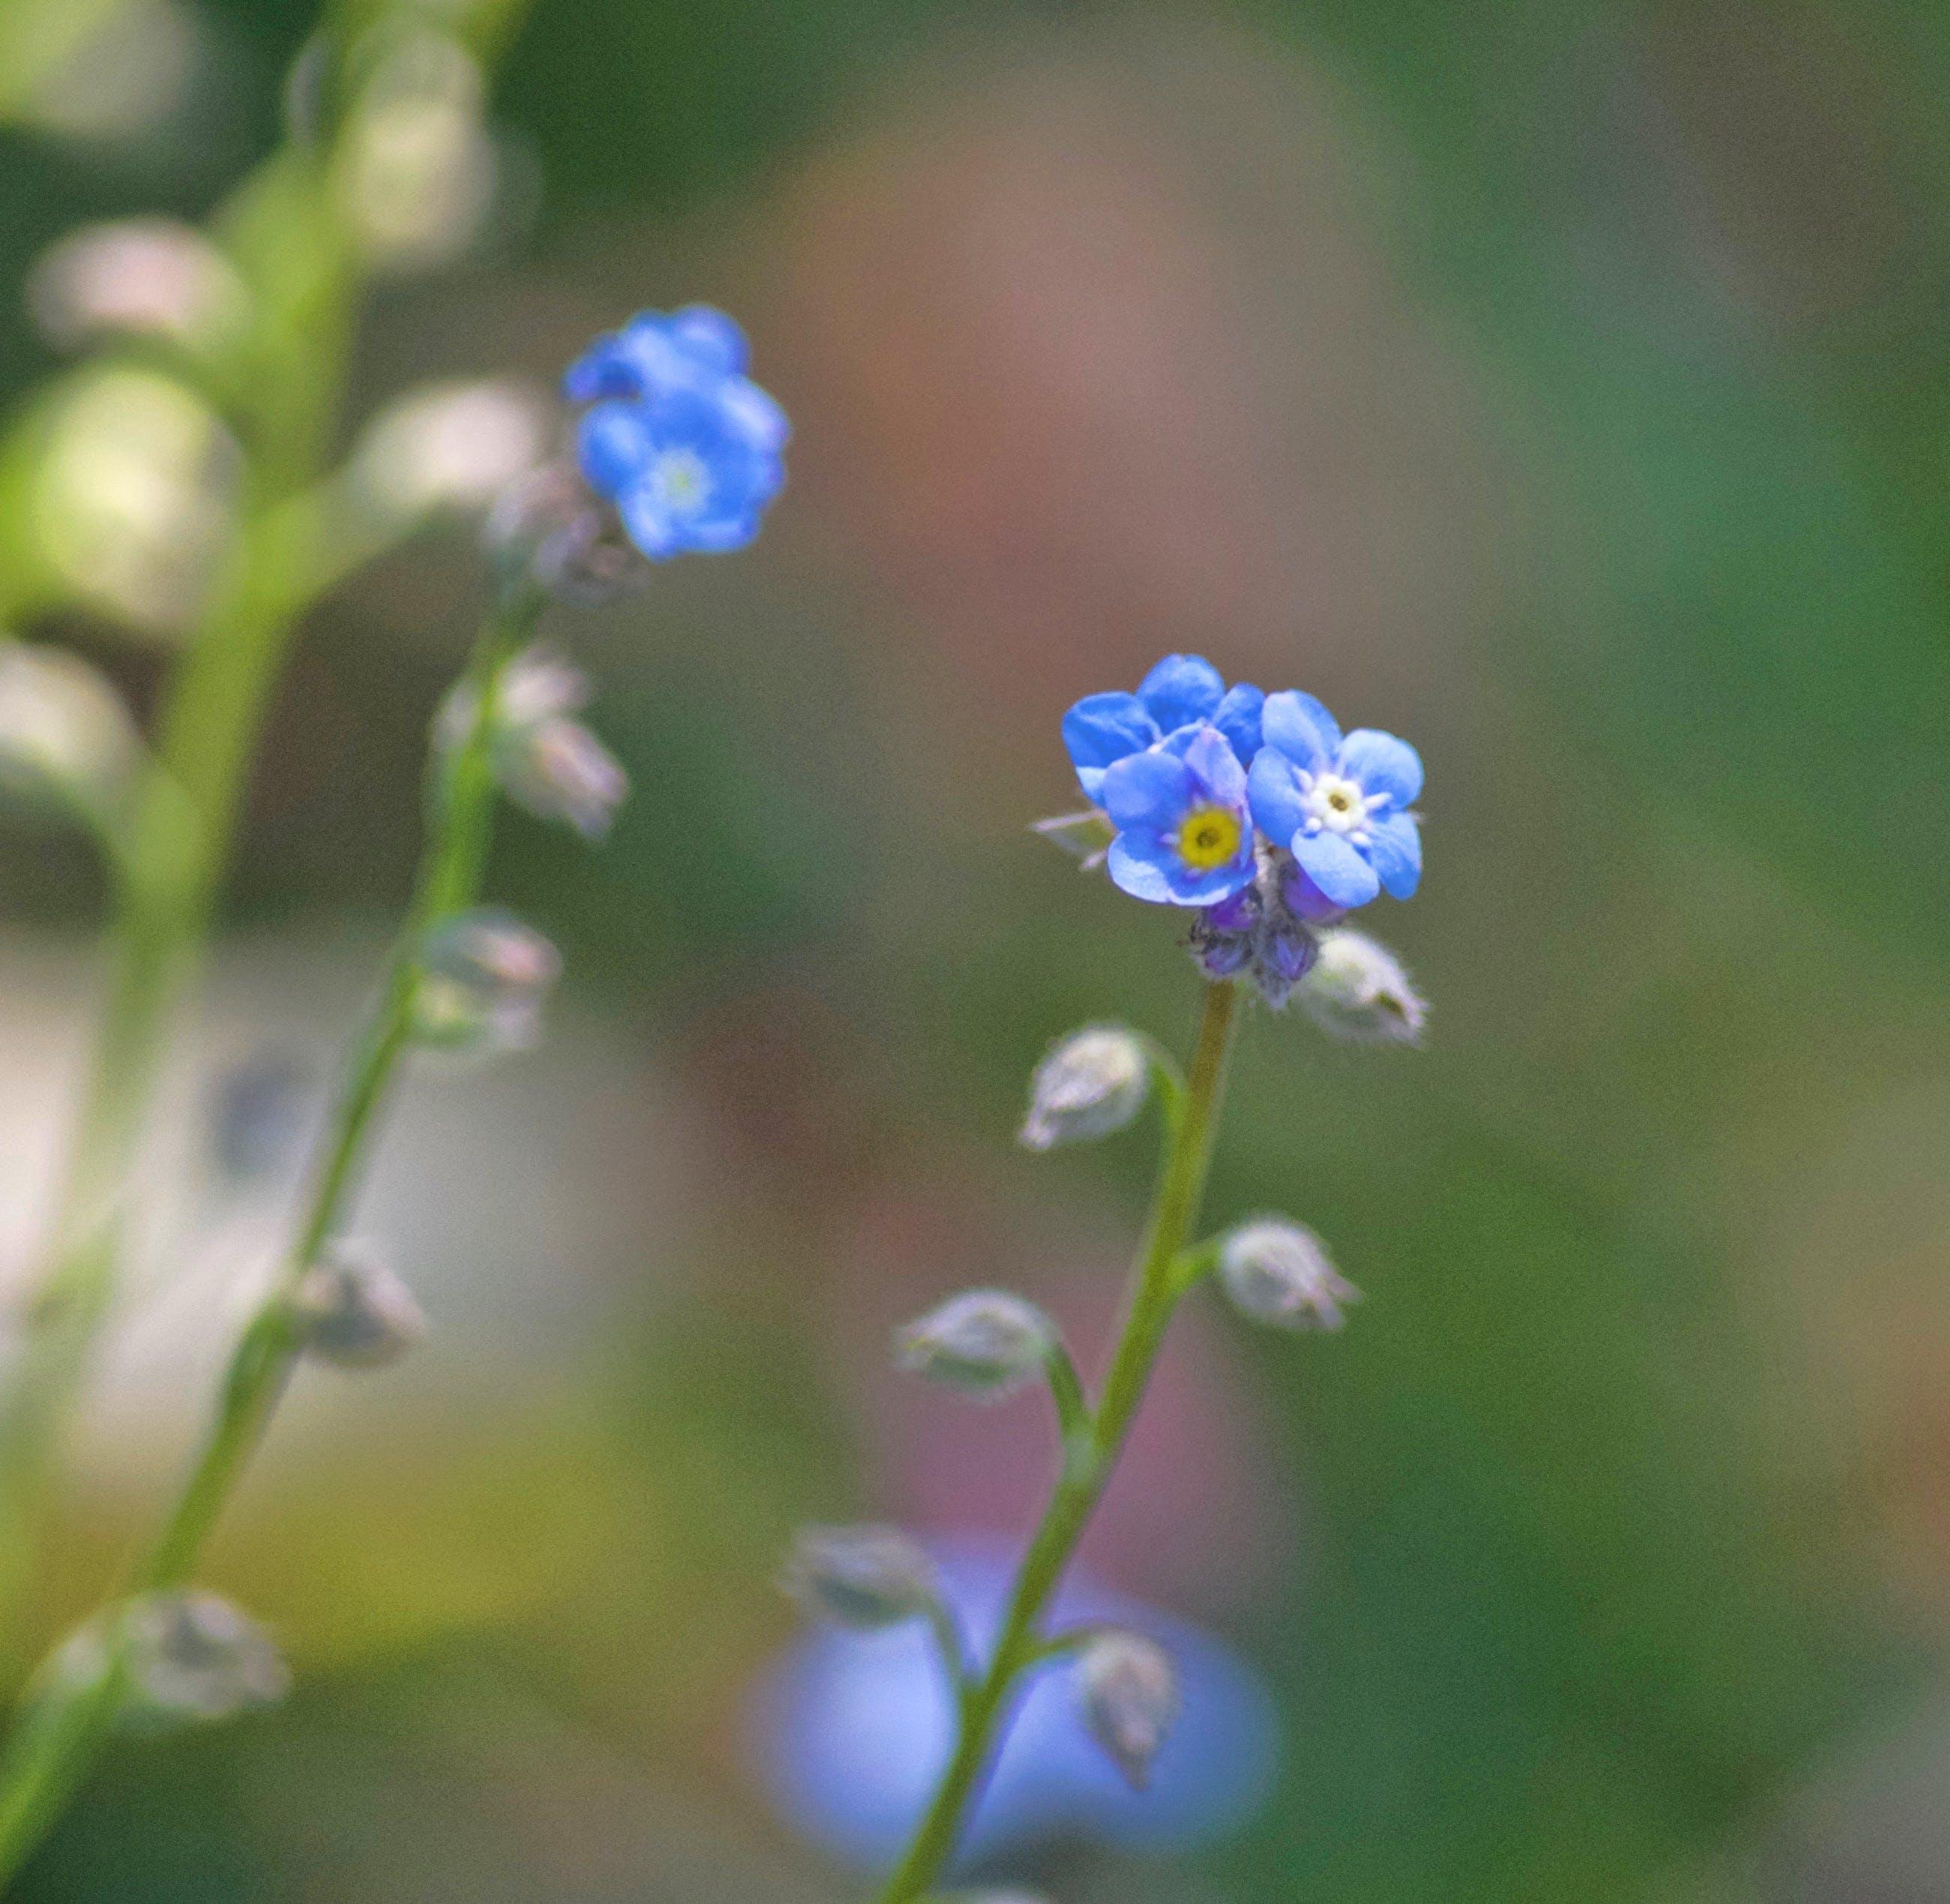 Kostenloses Stock Foto zu blau, blumen, bunte blumen, detail